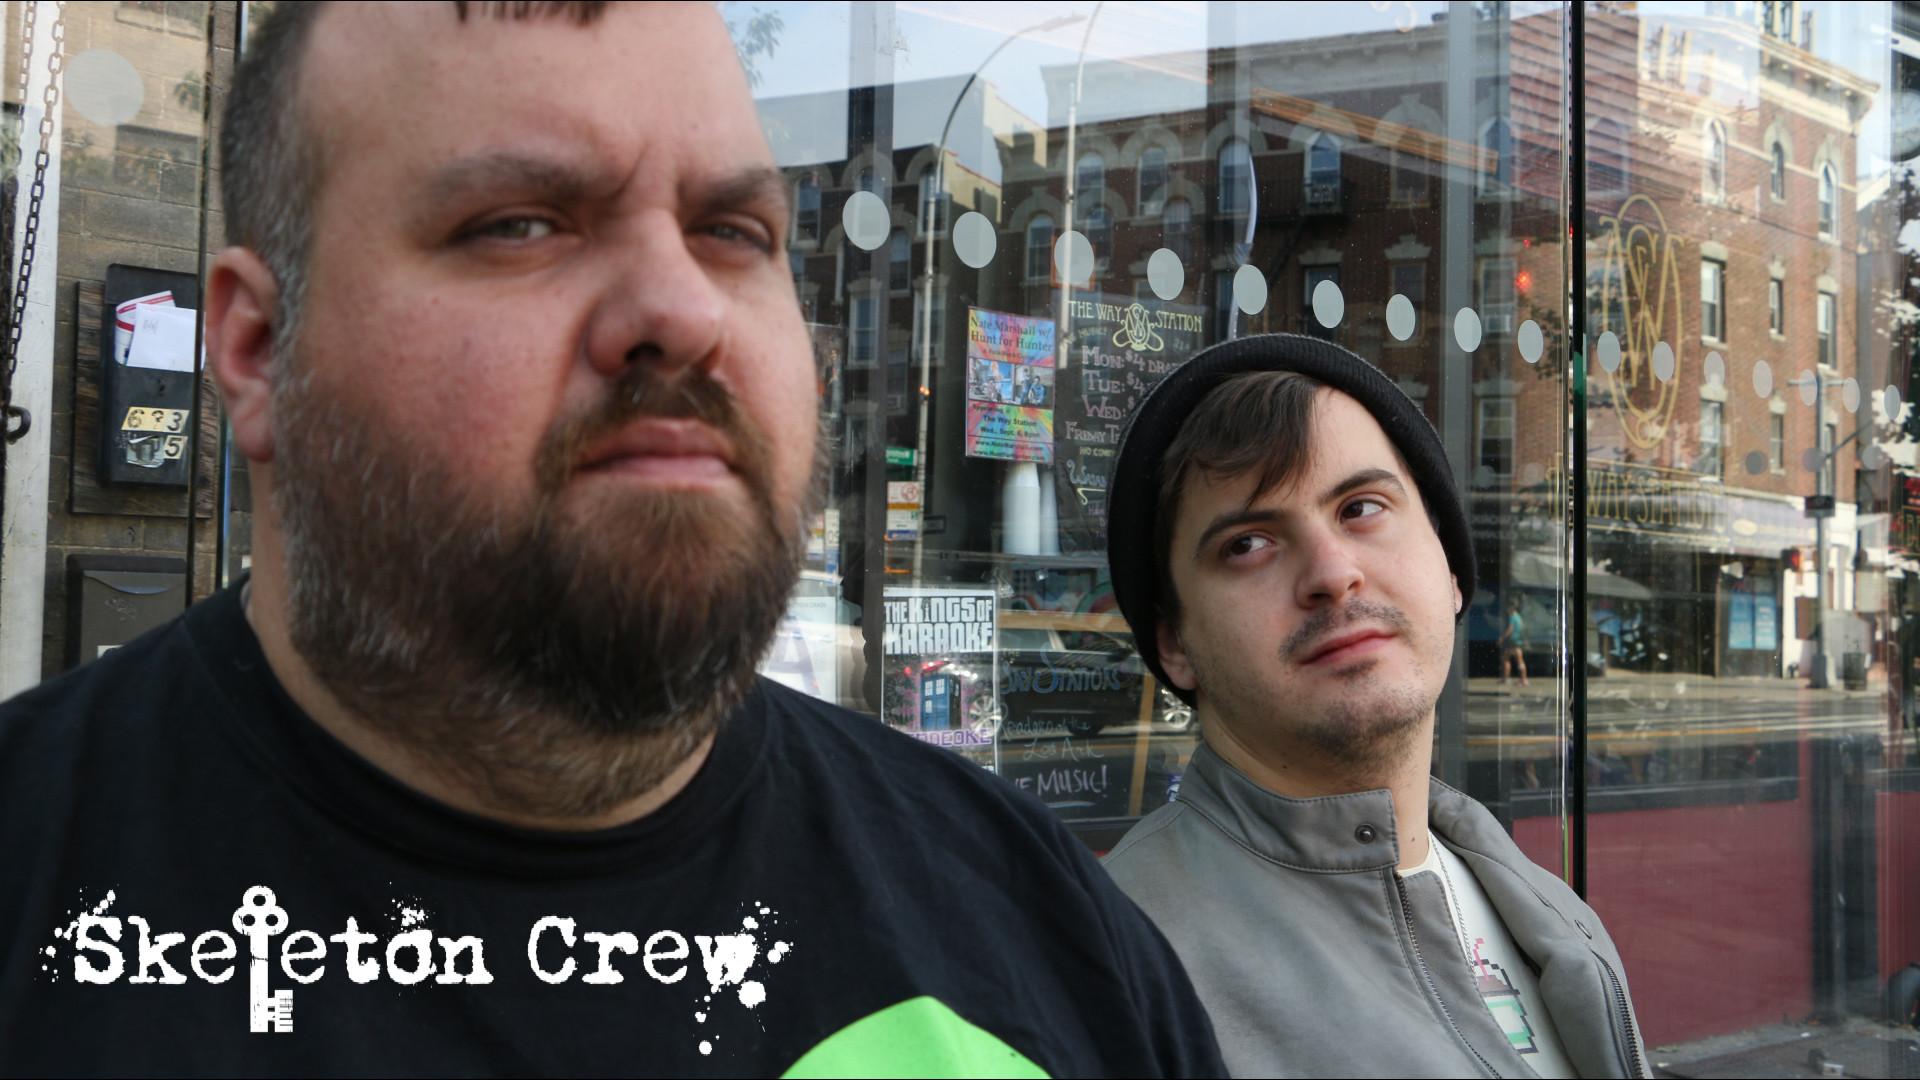 skeleton-crew-09